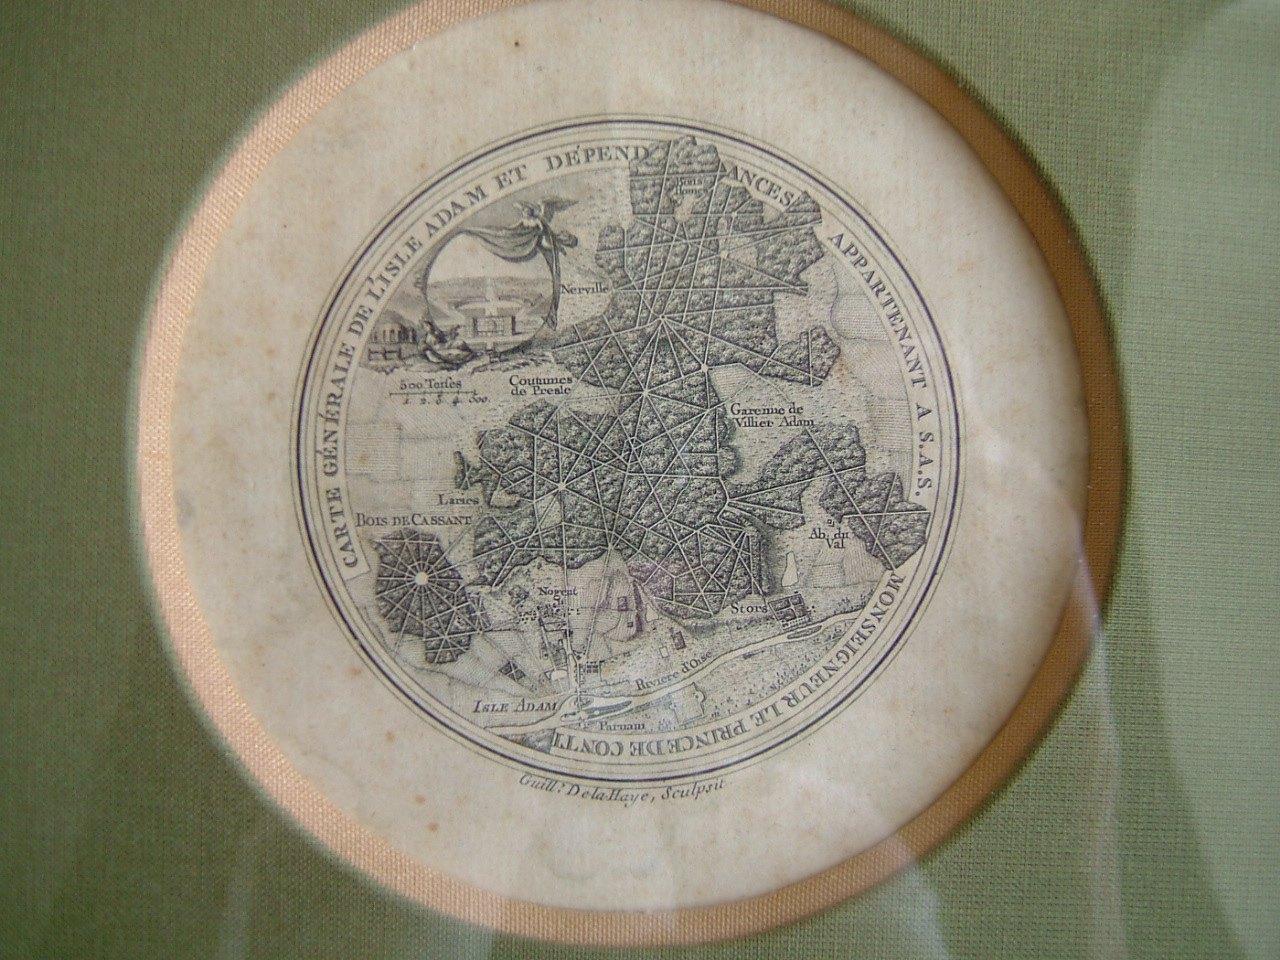 LA HAYE Guillaume de : Carte générale de l'Isle-Adam et dépendances appartenant à S.A.S. Monseigneur le Prince de Conti